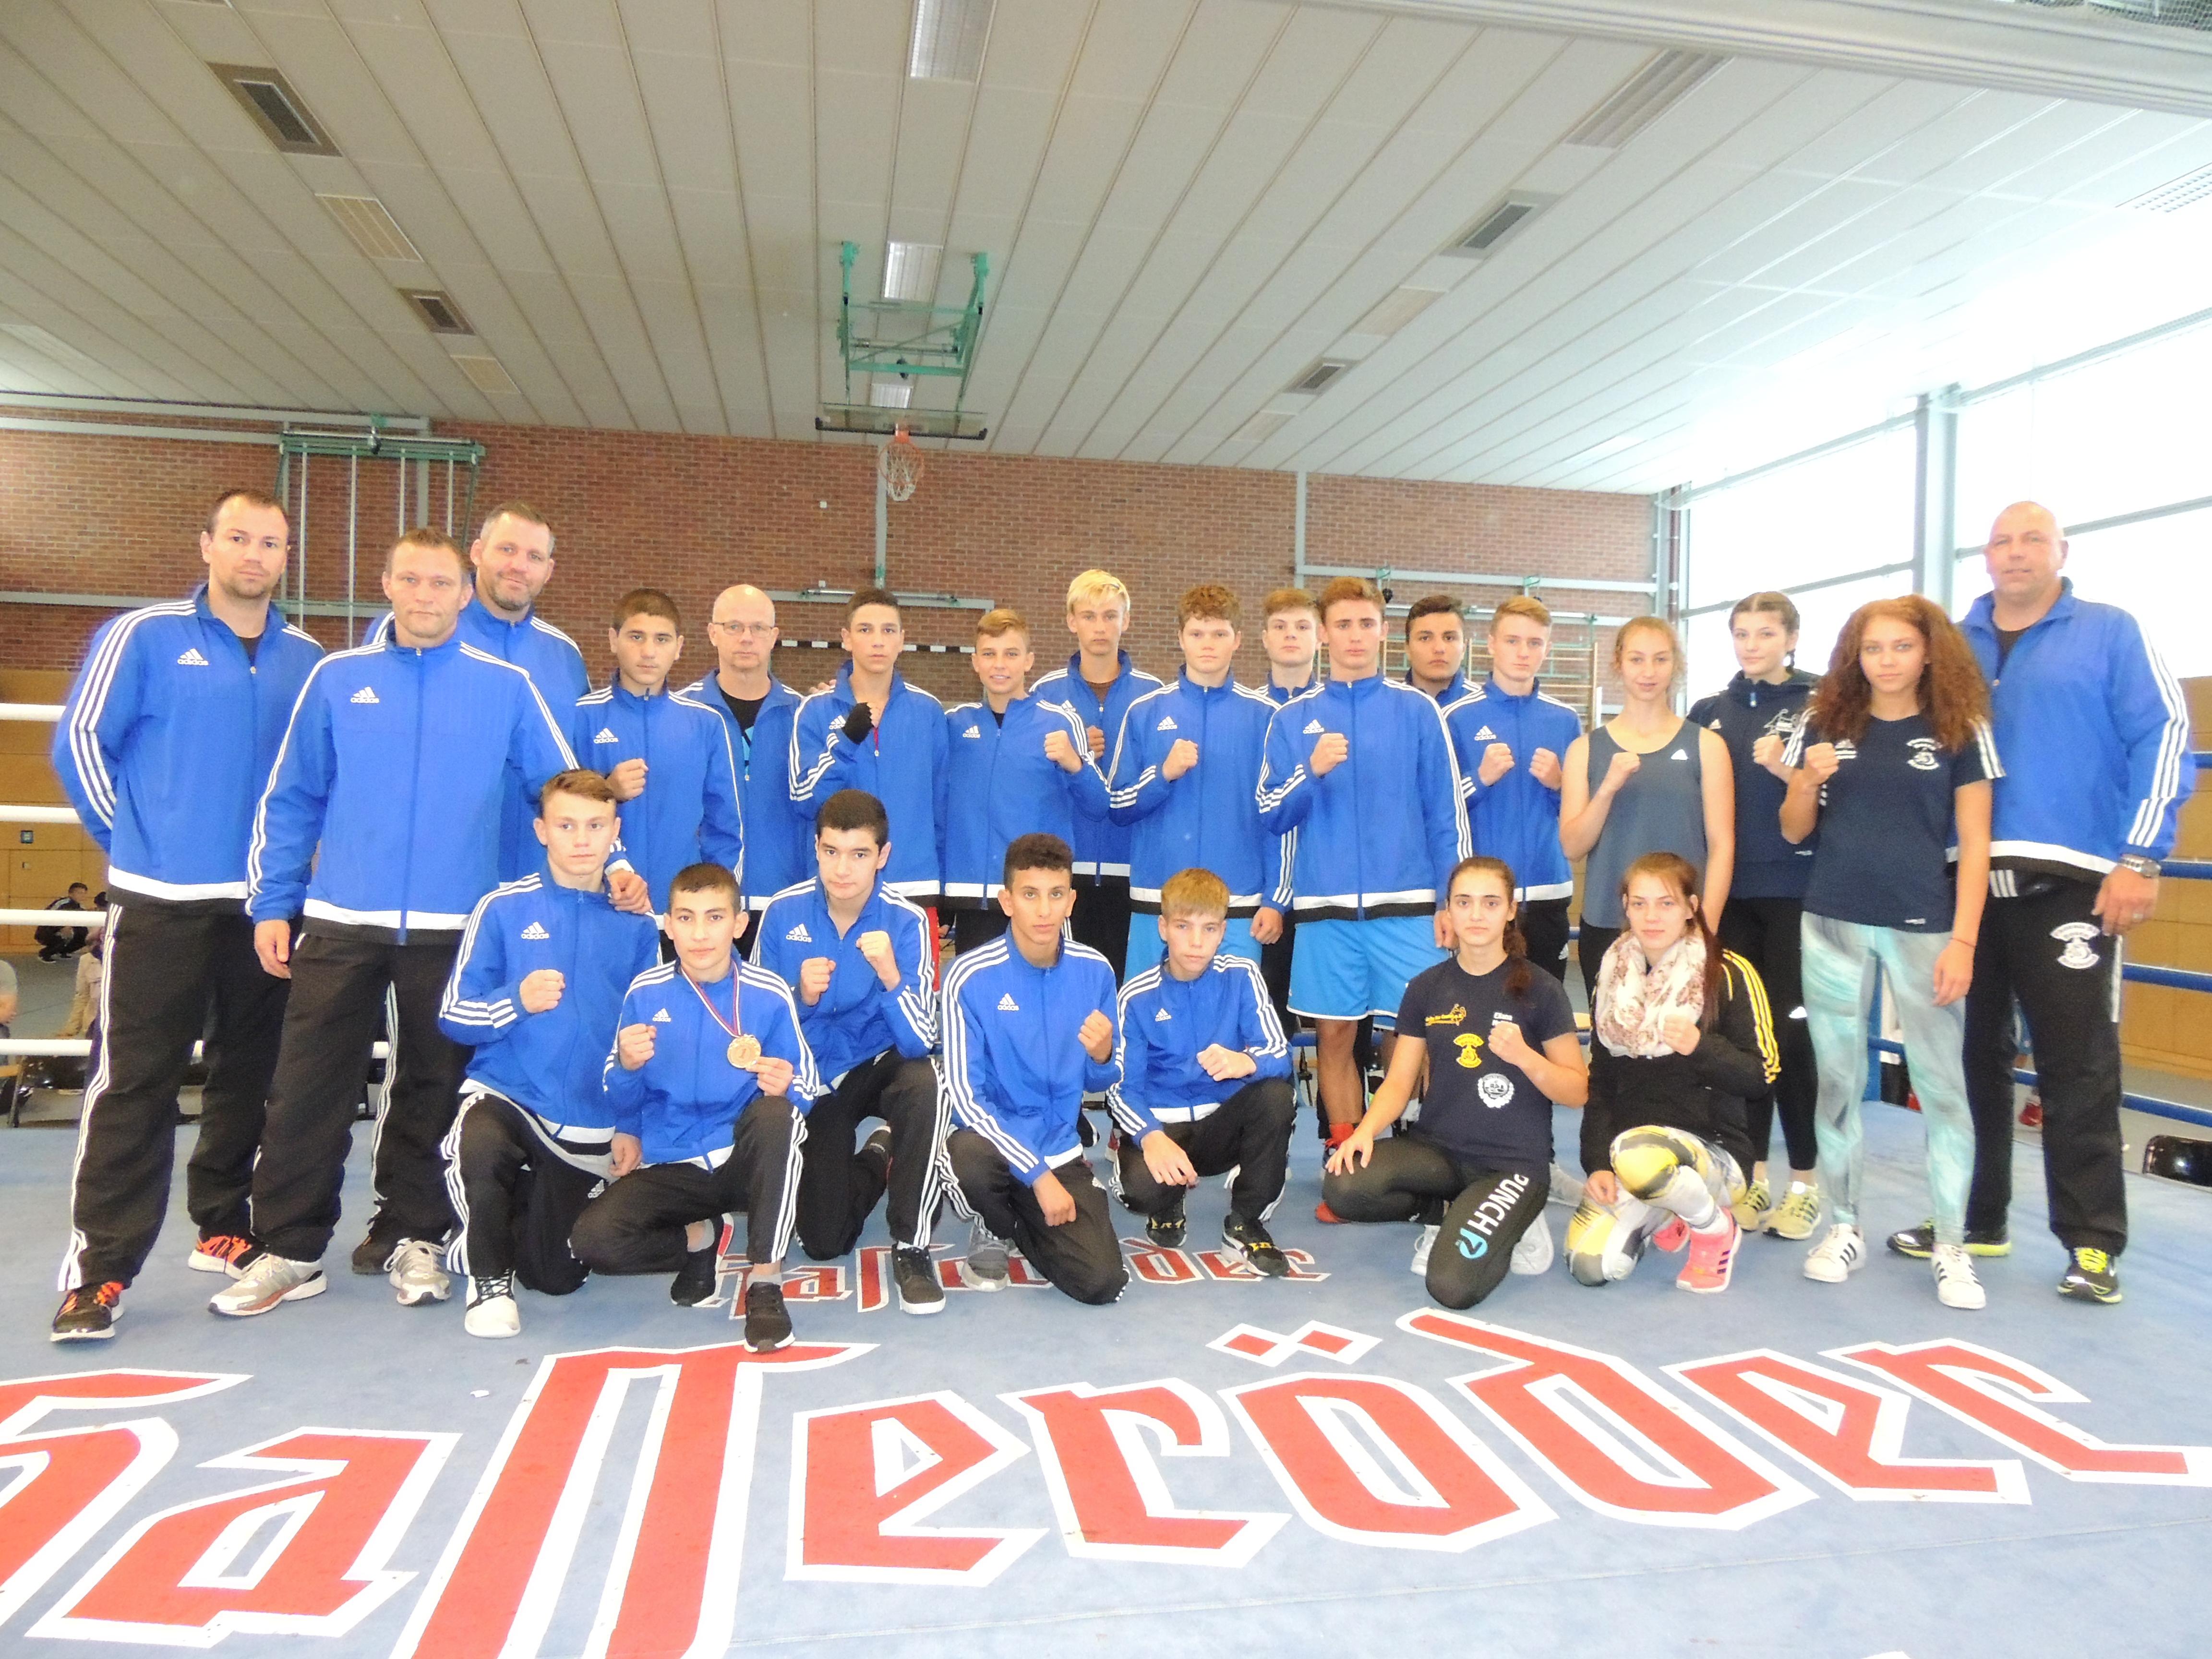 Boxteam Mecklenburg-Vorpommern